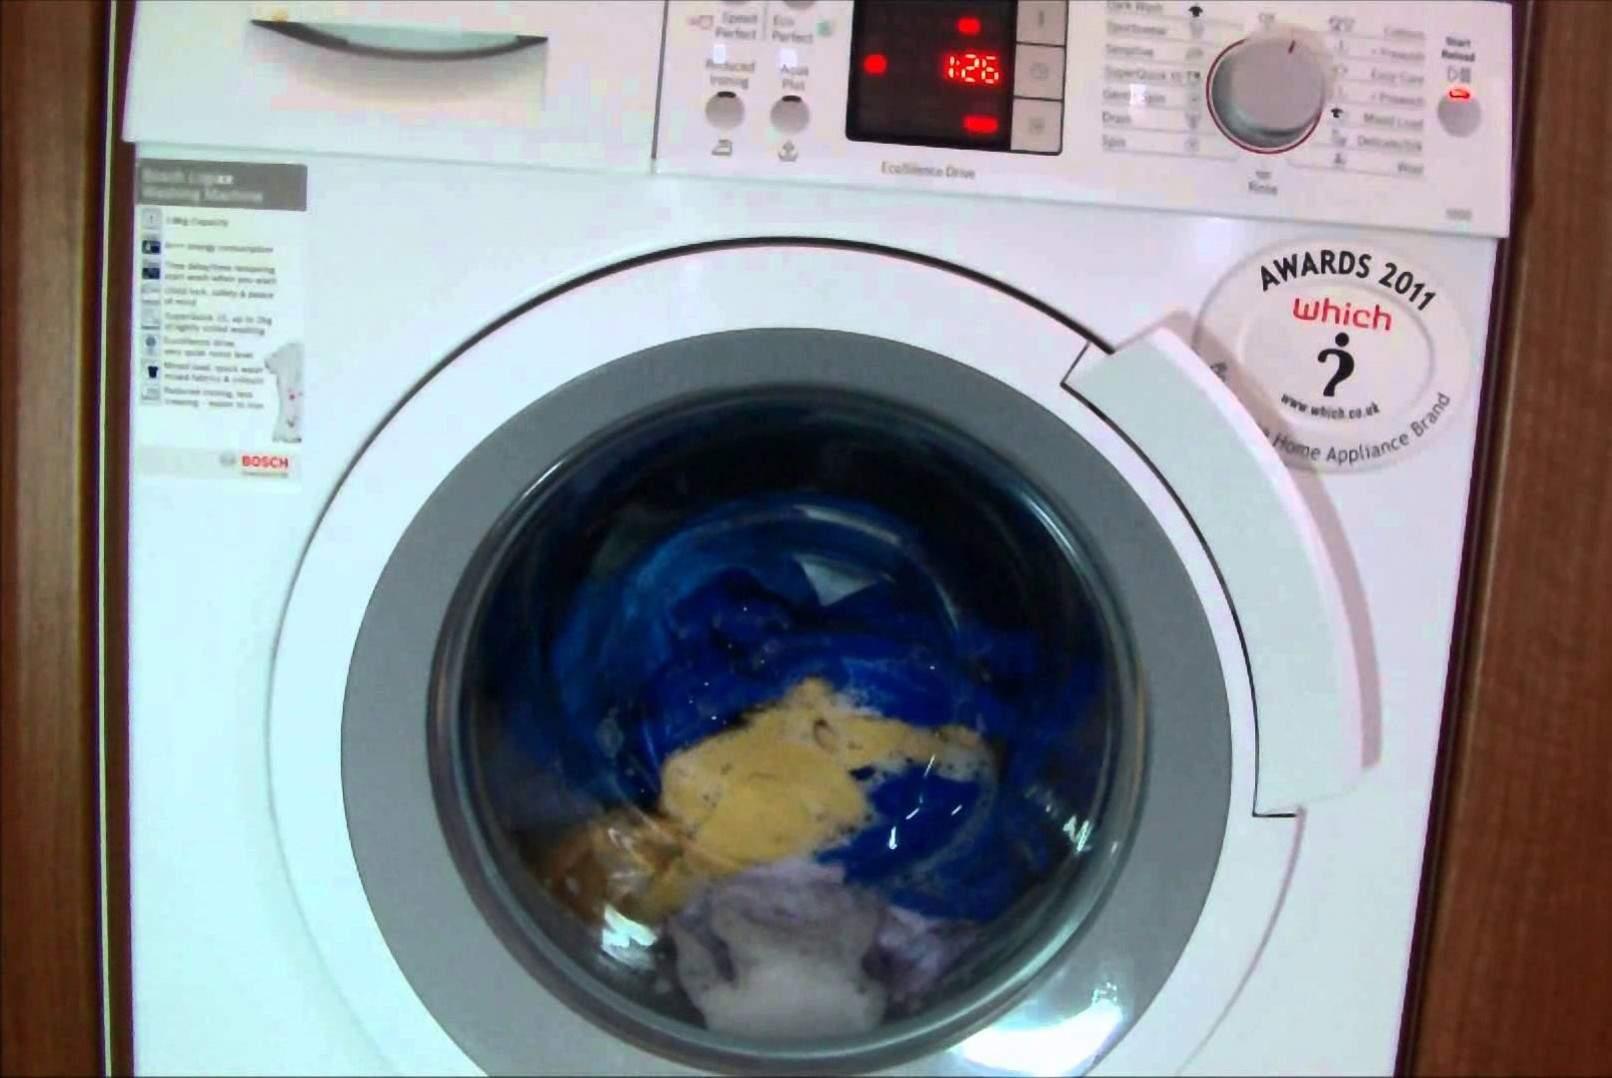 fitur quick wash di mesin cuci